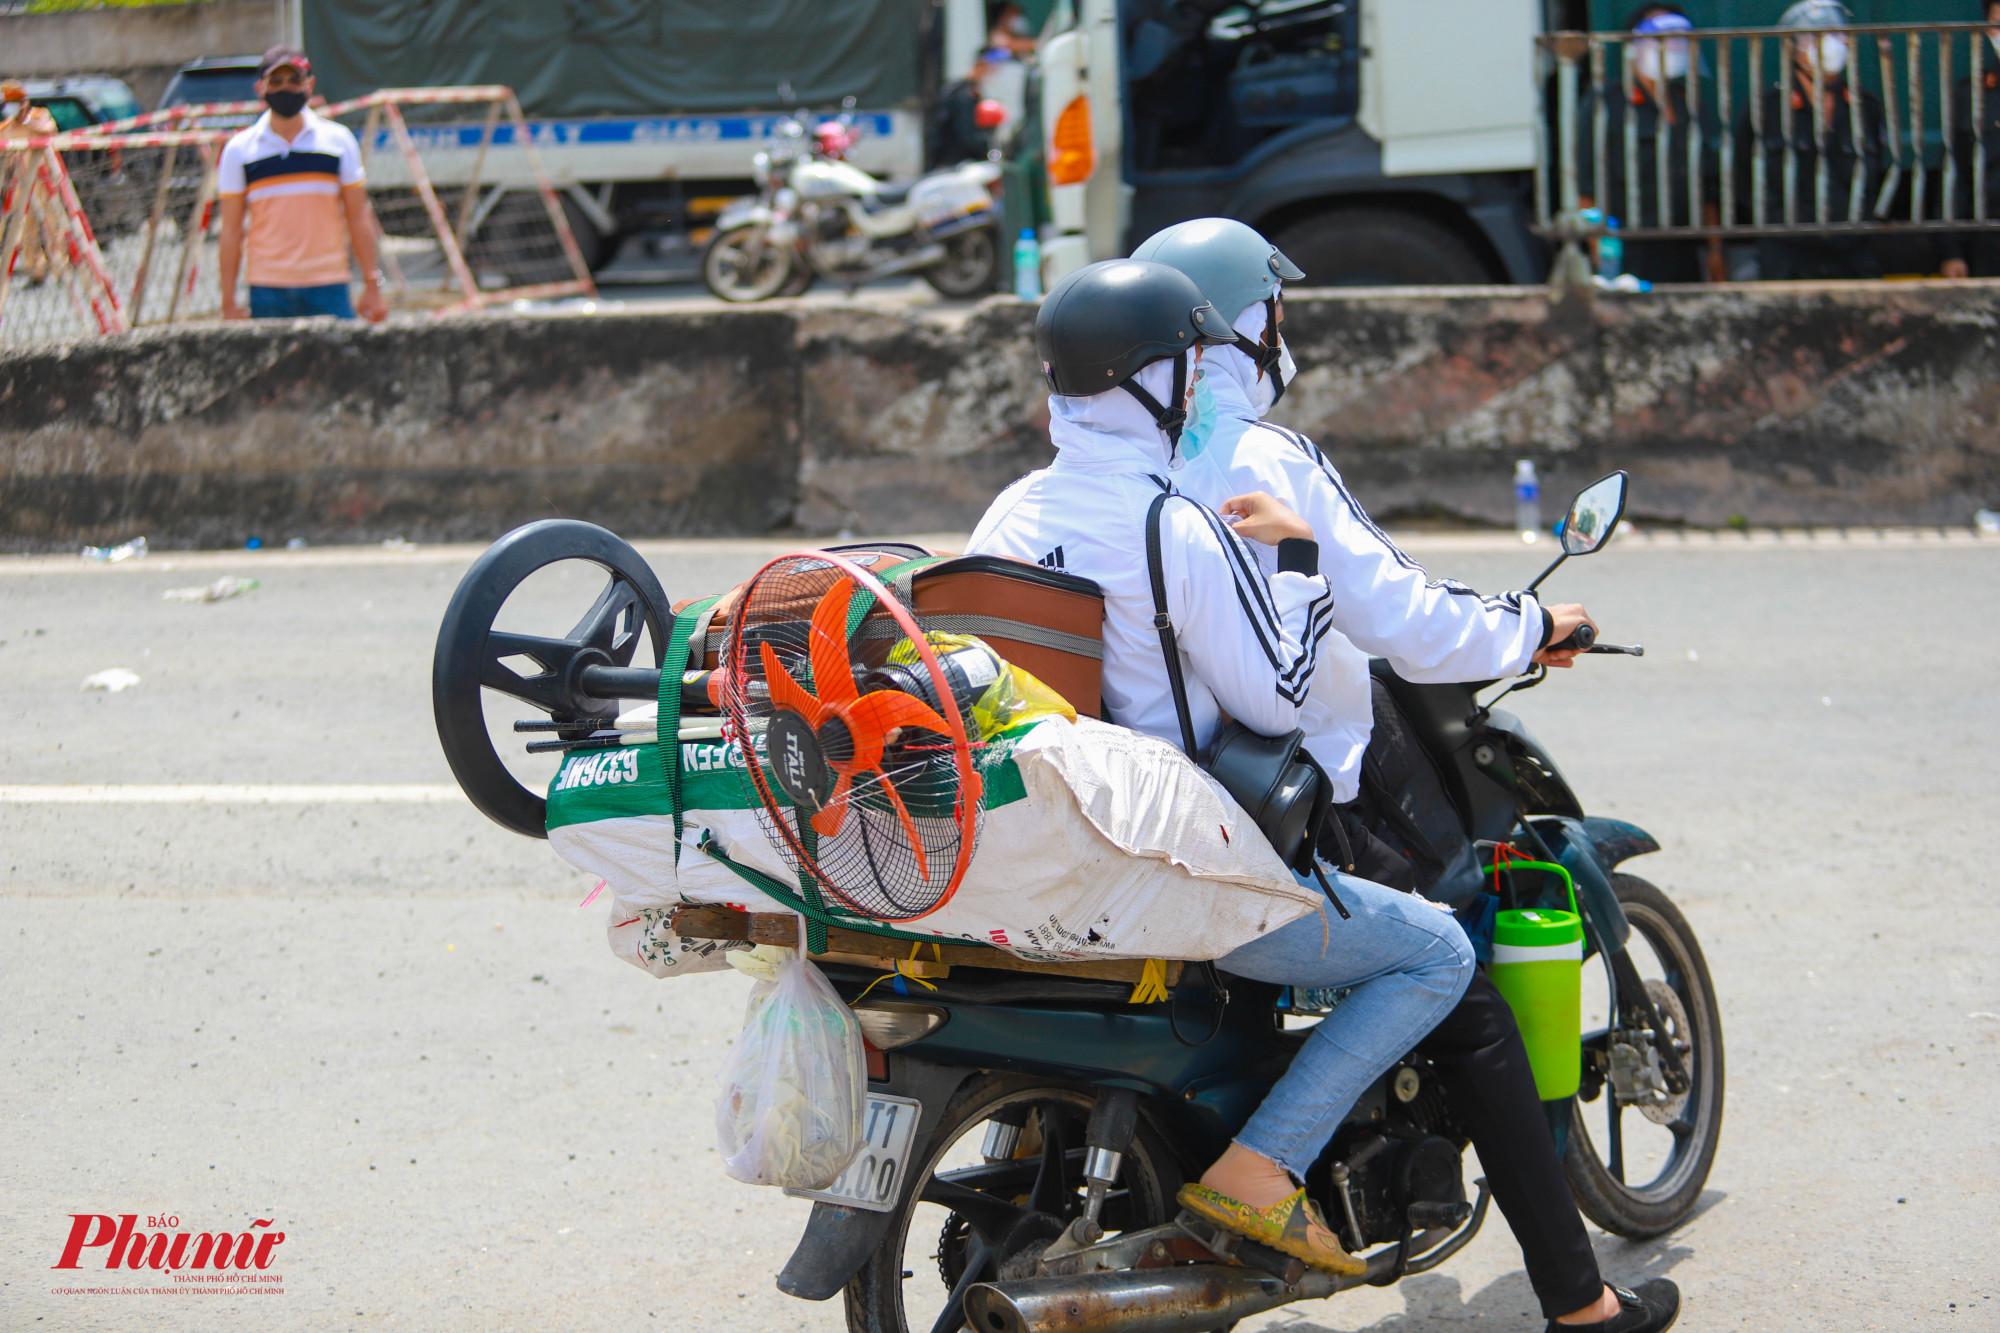 Cuộc sống quá khó khăn, khiến người dân sợ... Sài Gòn